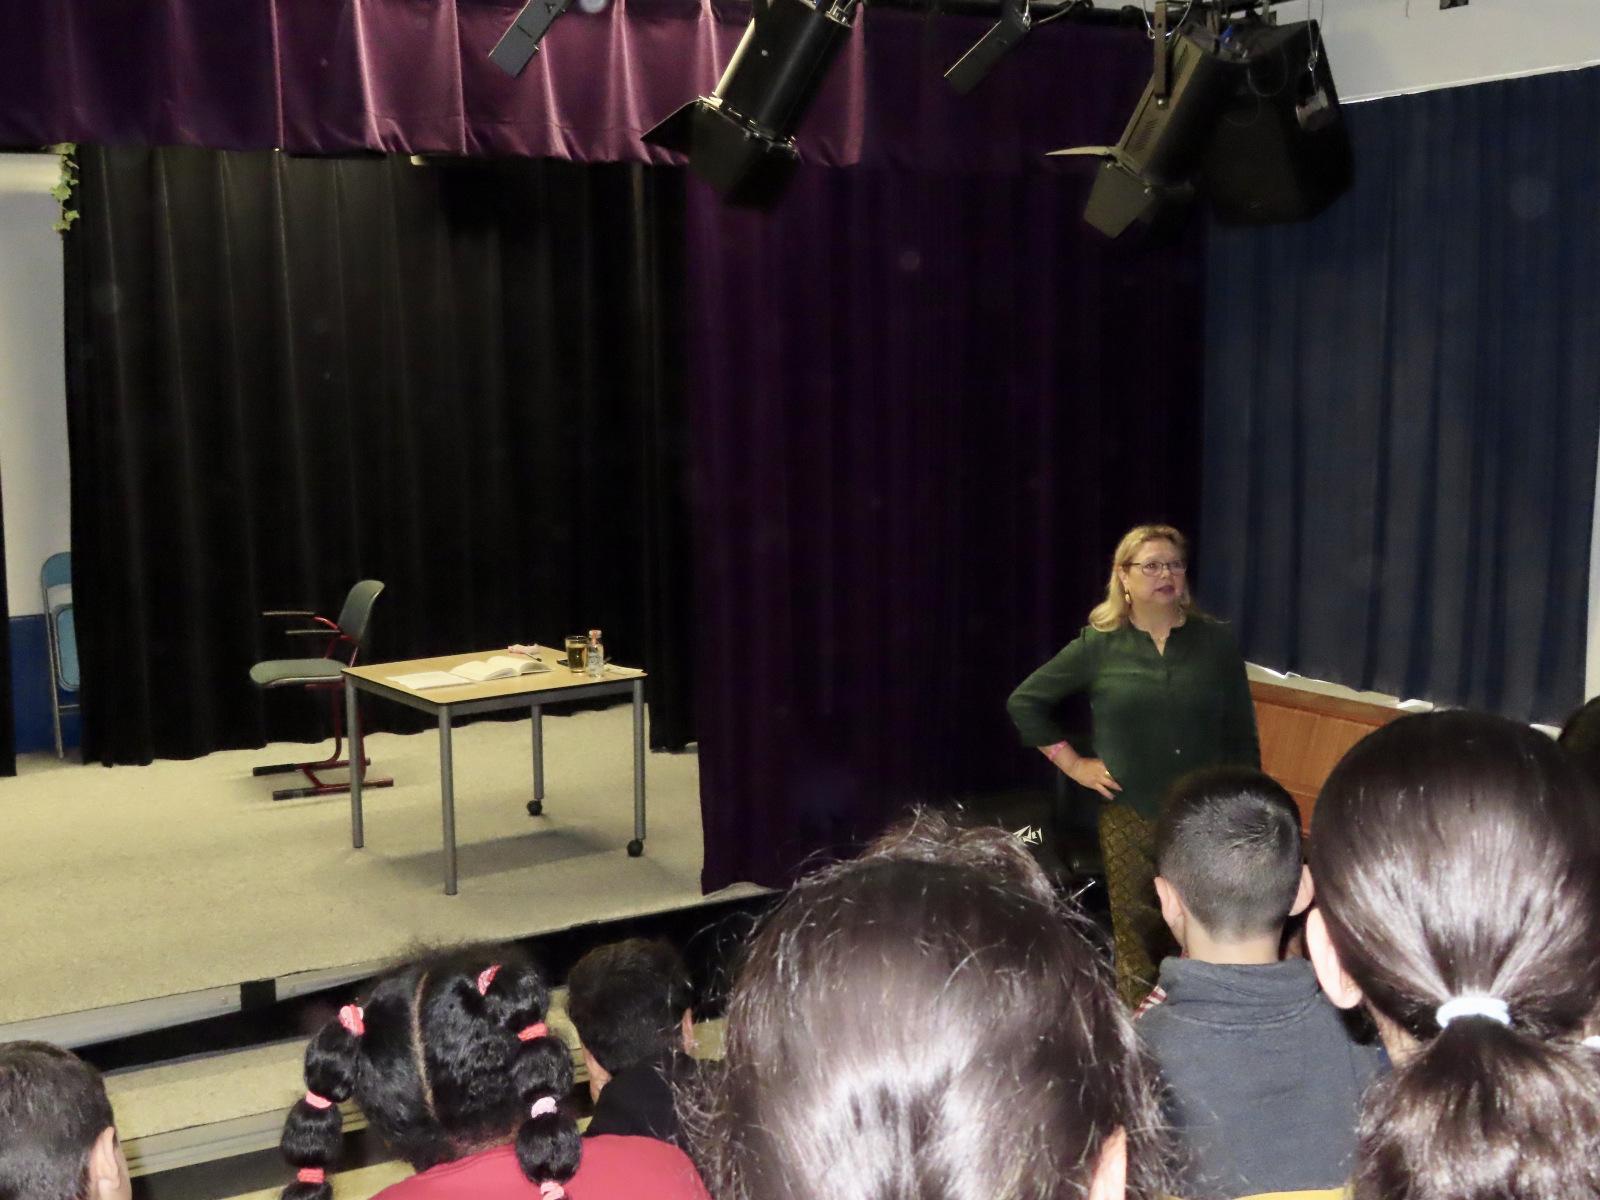 IJpleinschool Bovenbouw dialoogopdracht 2010 8 oktober